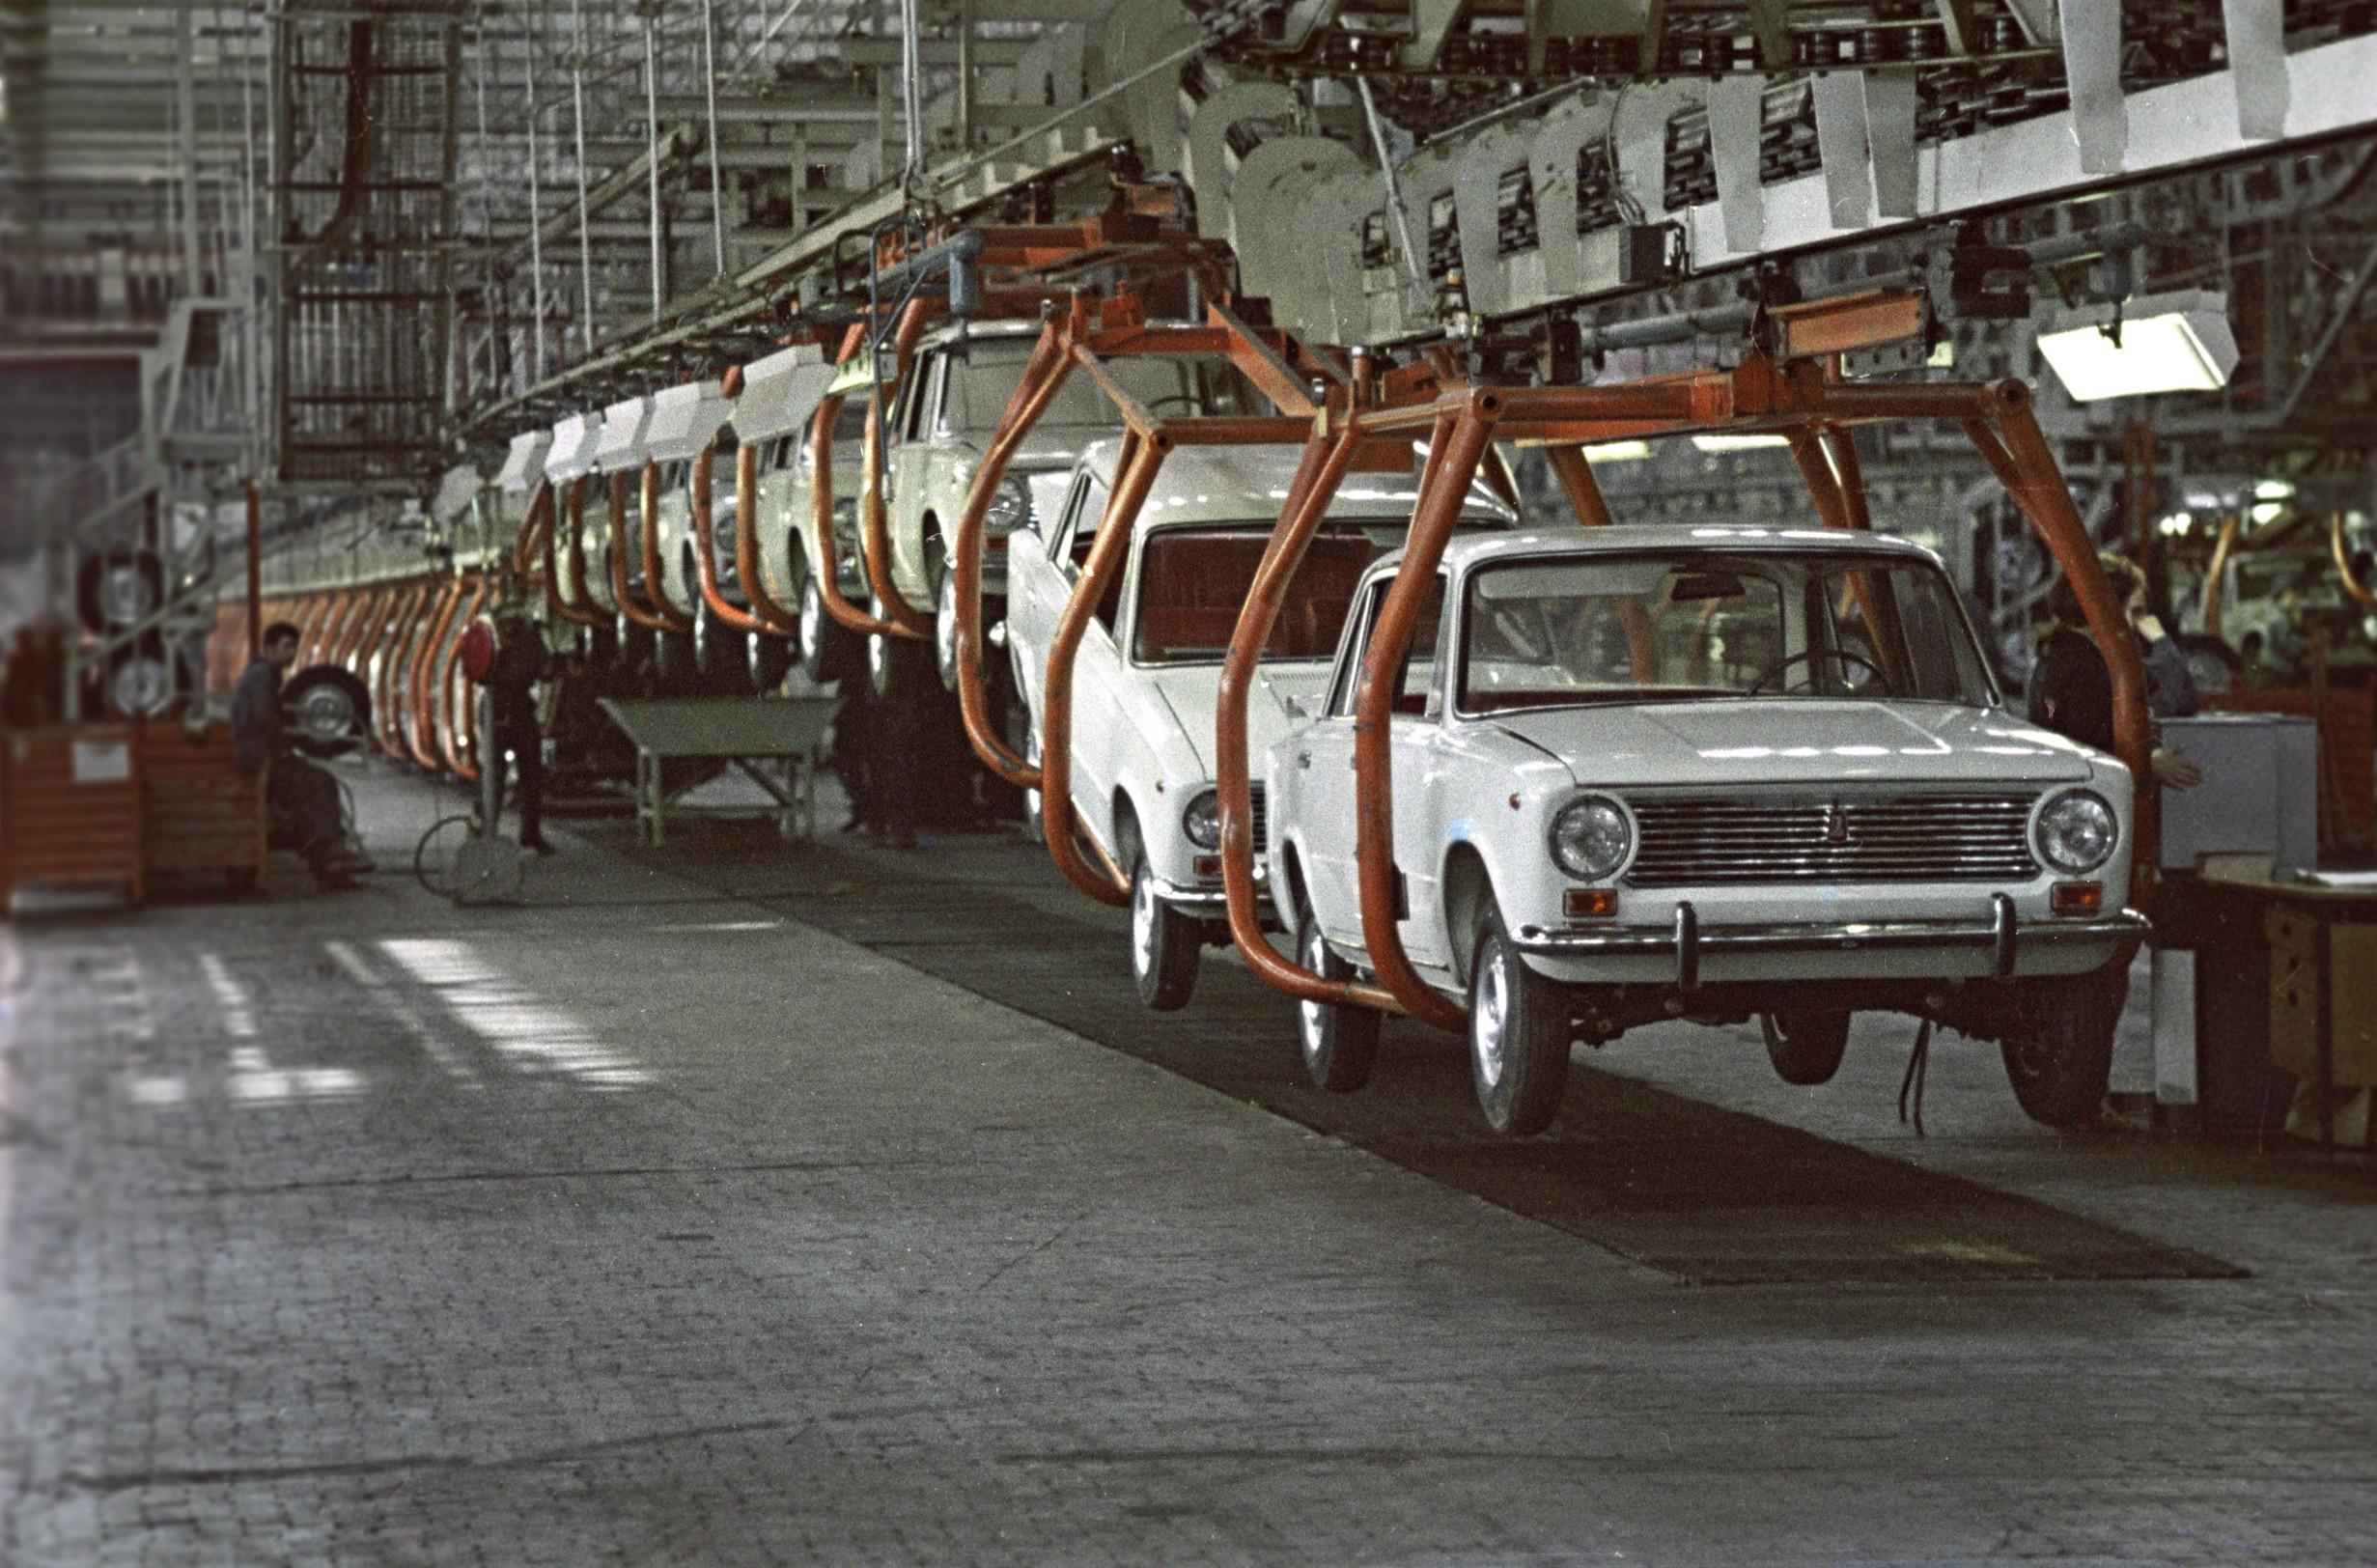 5609234 13.09.1974 Assembly line at the AvtoVAZ Volga Car Production Association., Image: 382956675, License: Rights-managed, Restrictions: , Model Release: no, Credit line: Edward Ettinger / Sputnik / Profimedia